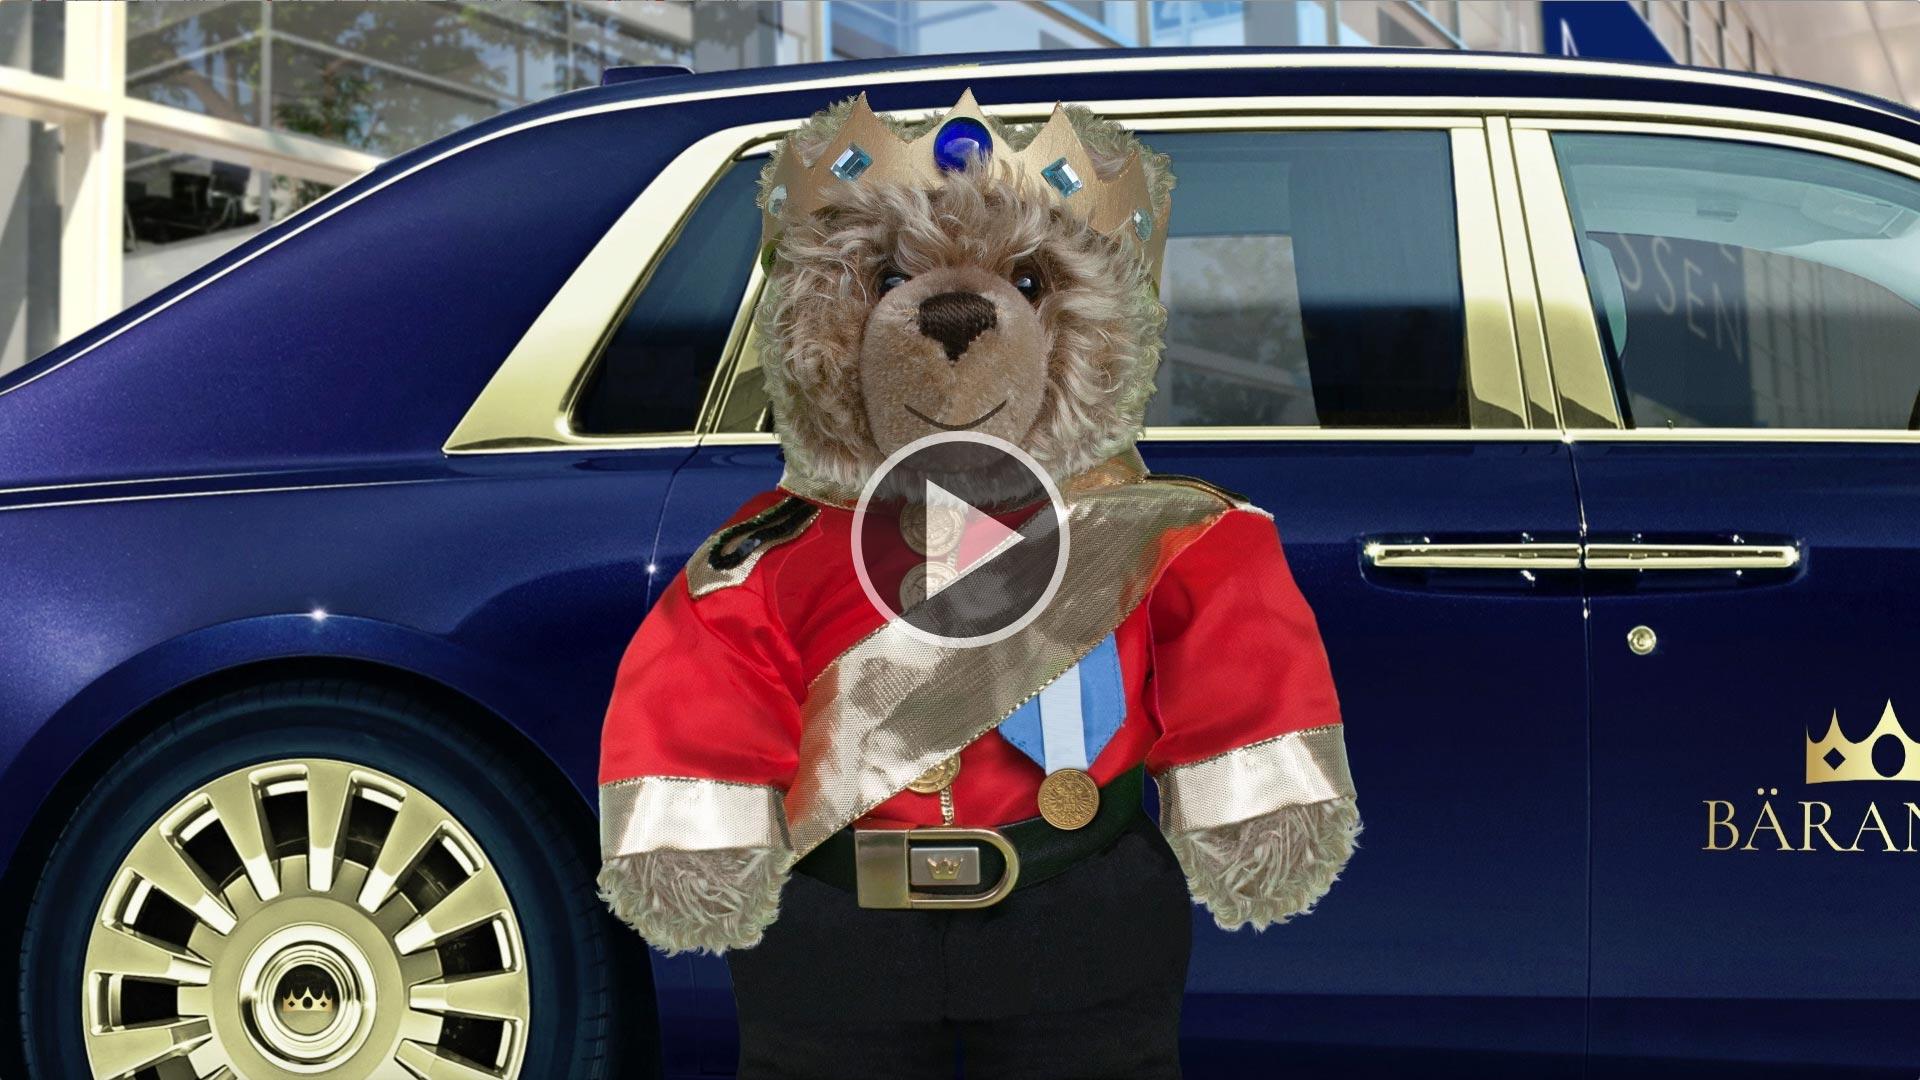 König Opa I. auf der Euro-Teddy in Essen